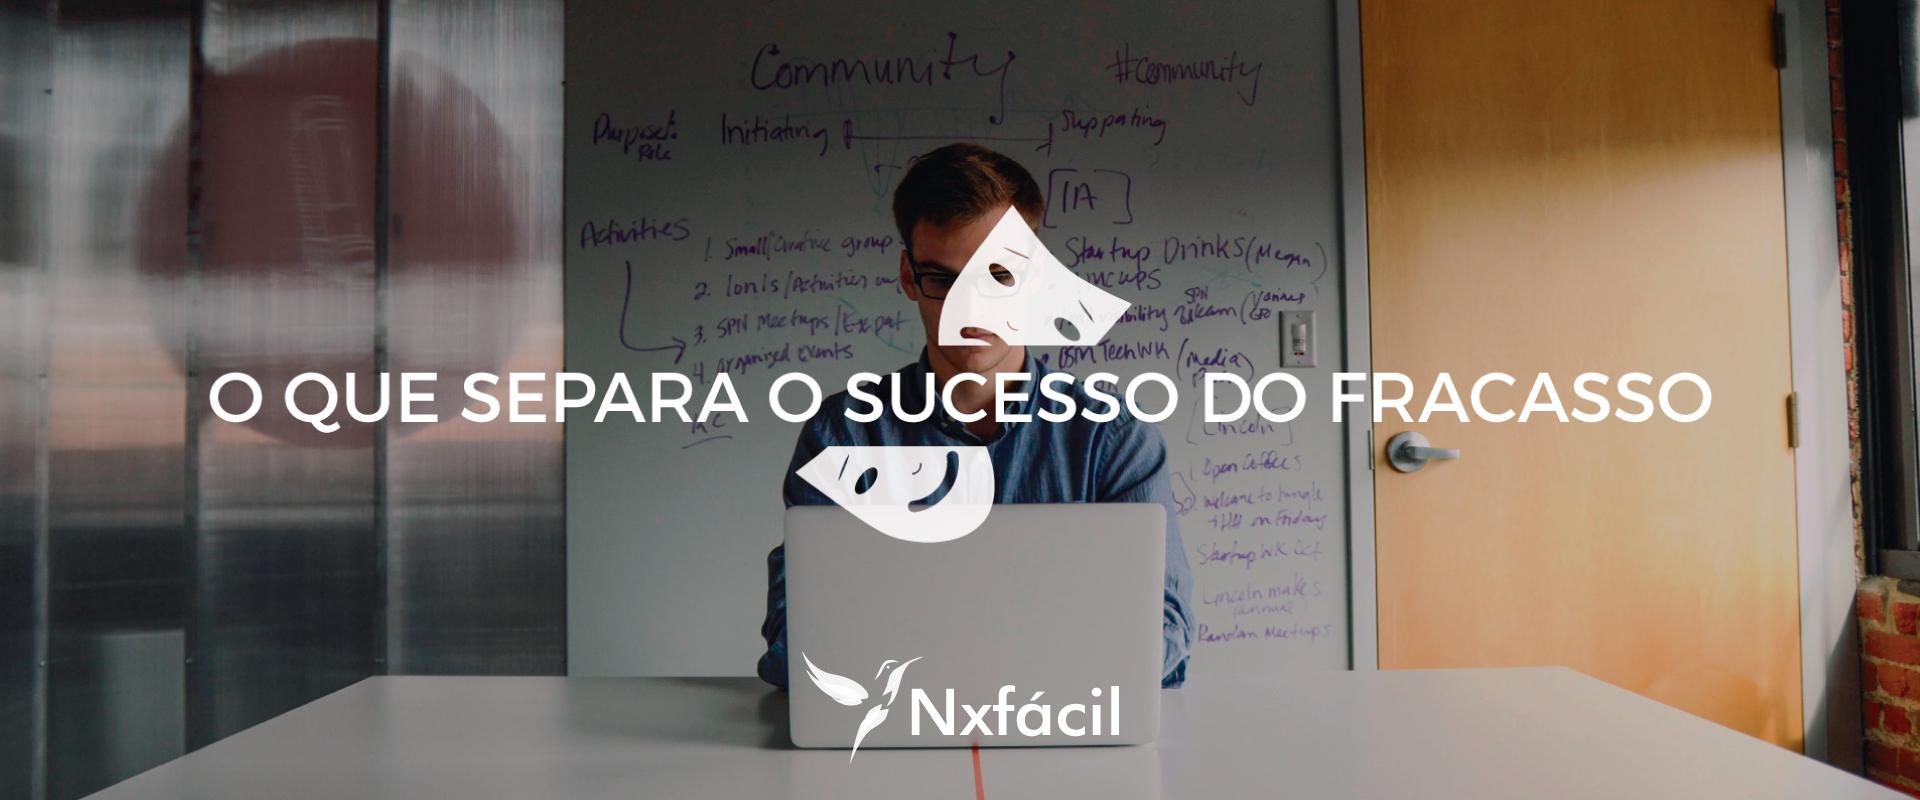 separa_o_sucesso_do_fracasso